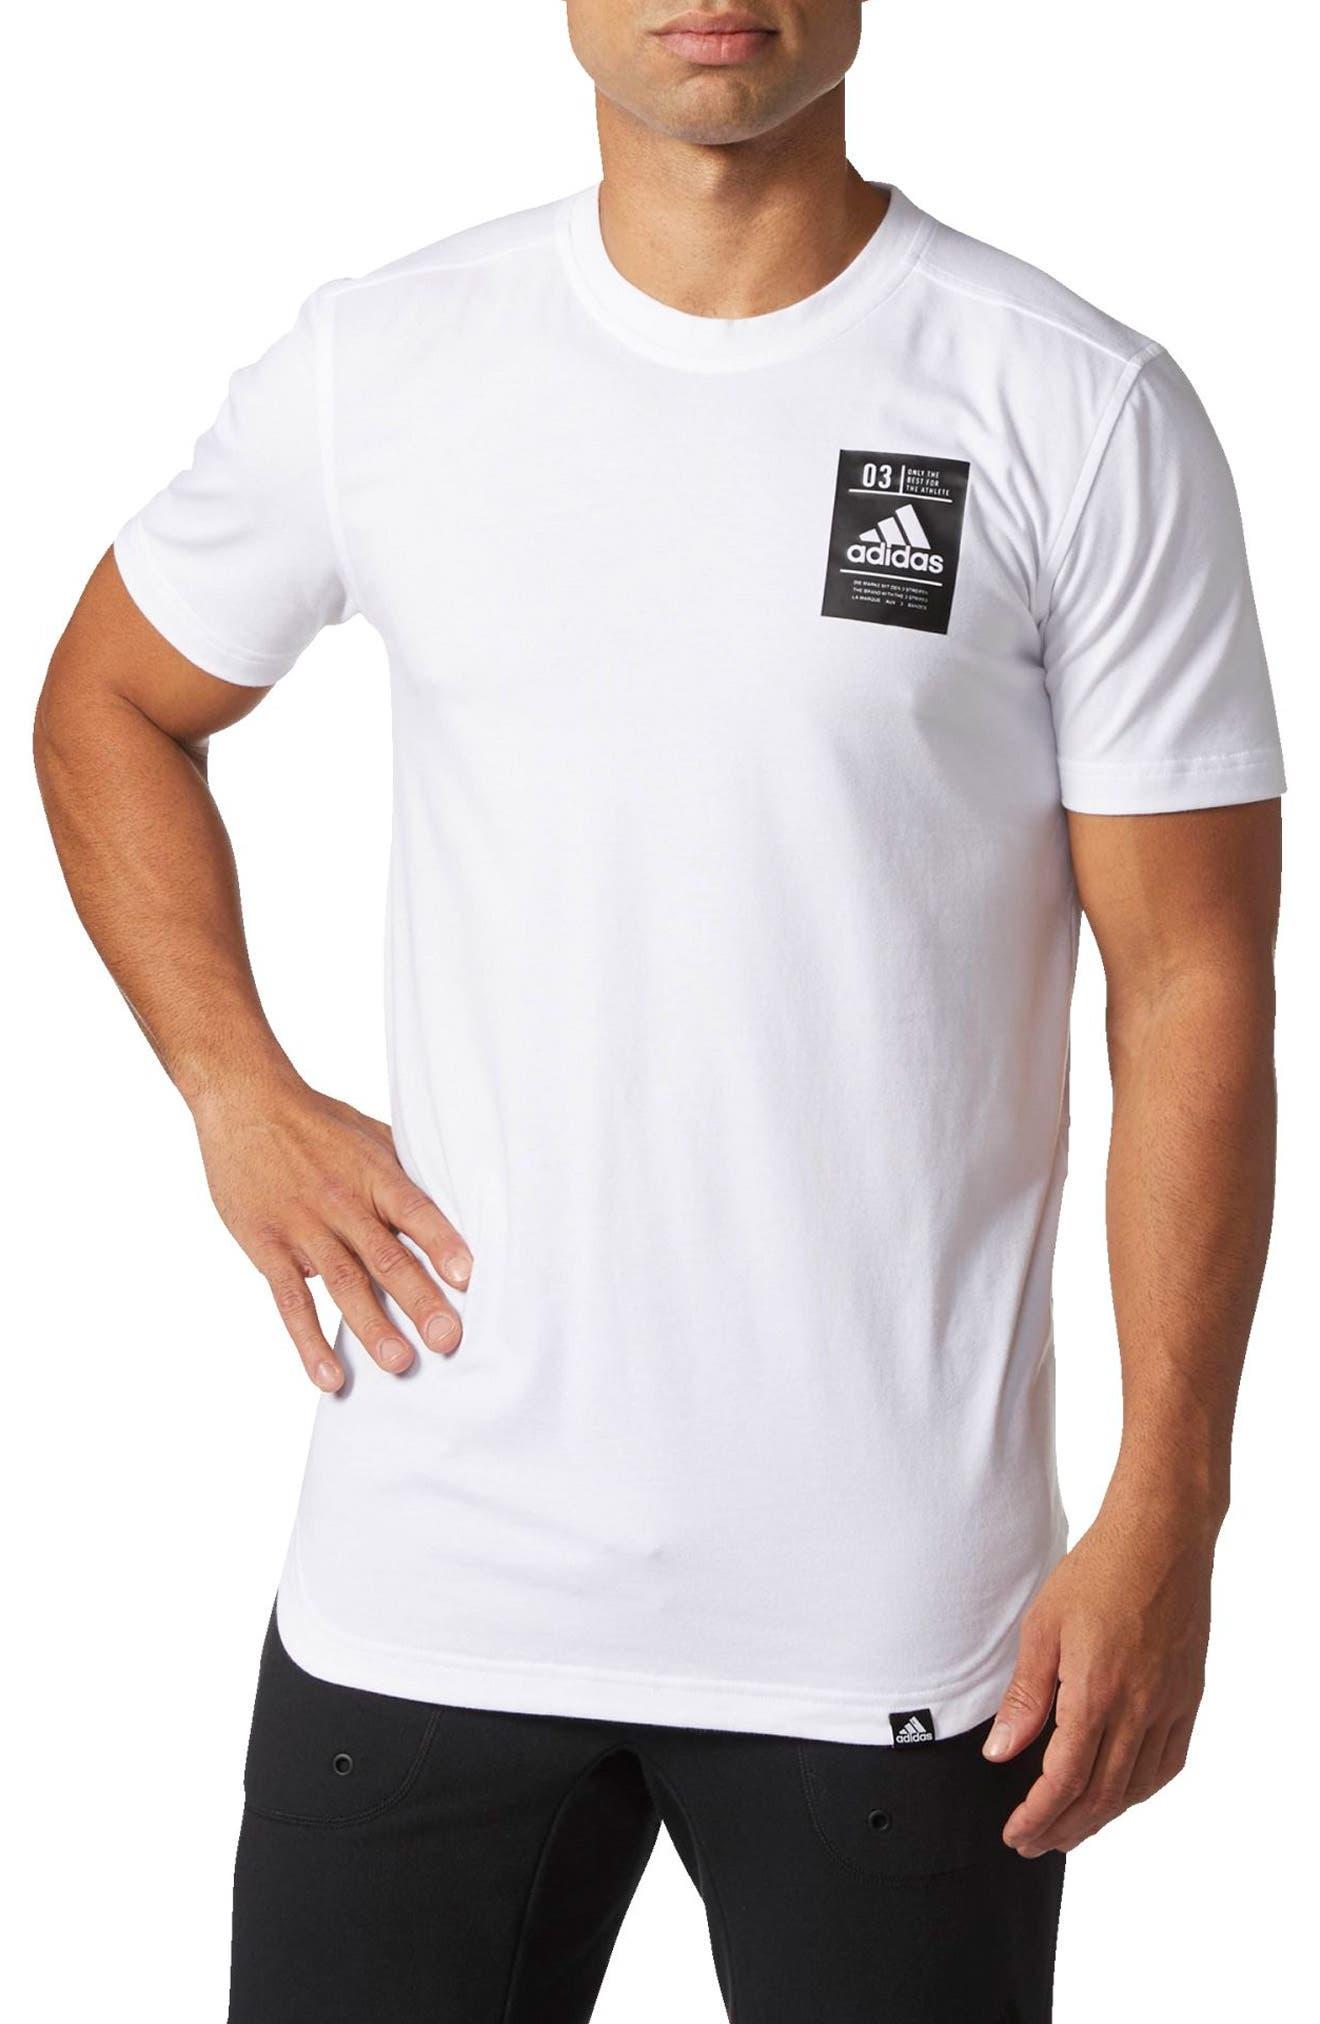 adidas 3-Stripes Life Graphic T-Shirt